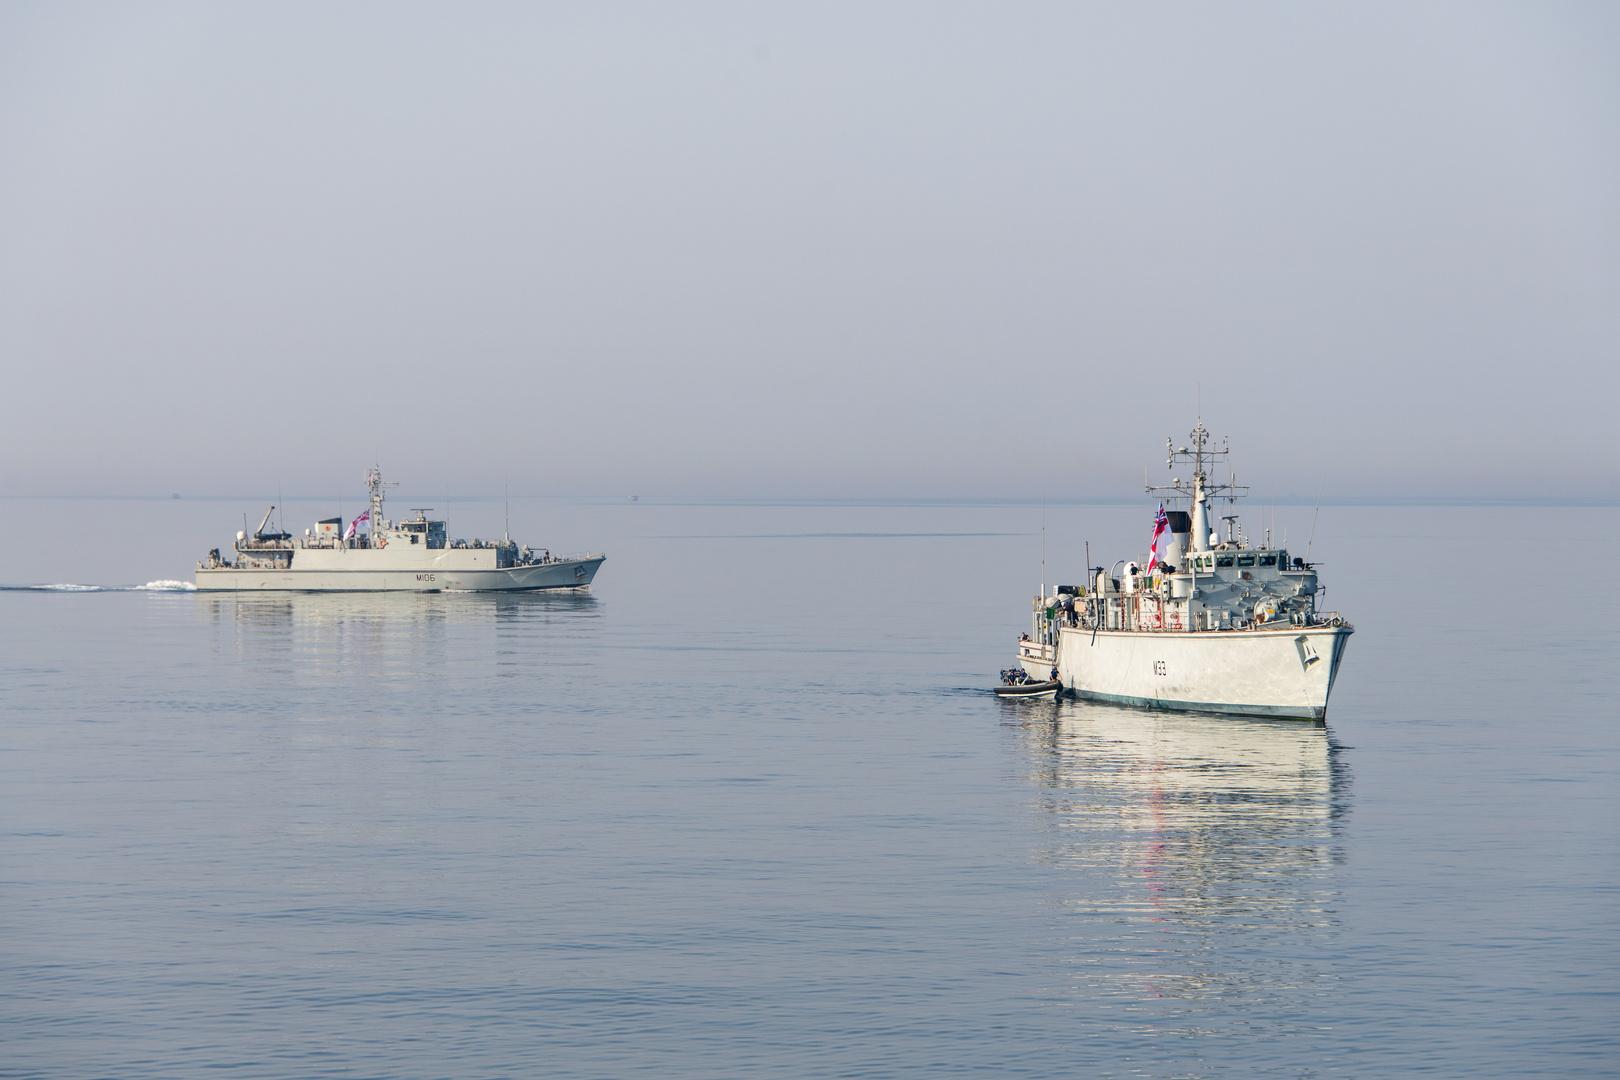 بوادر مواجهة فرنسية بريطانية بسبب خلاف على الصيد..لندن ترسل سفينتين حربيتين إلى ميناء جيرسي